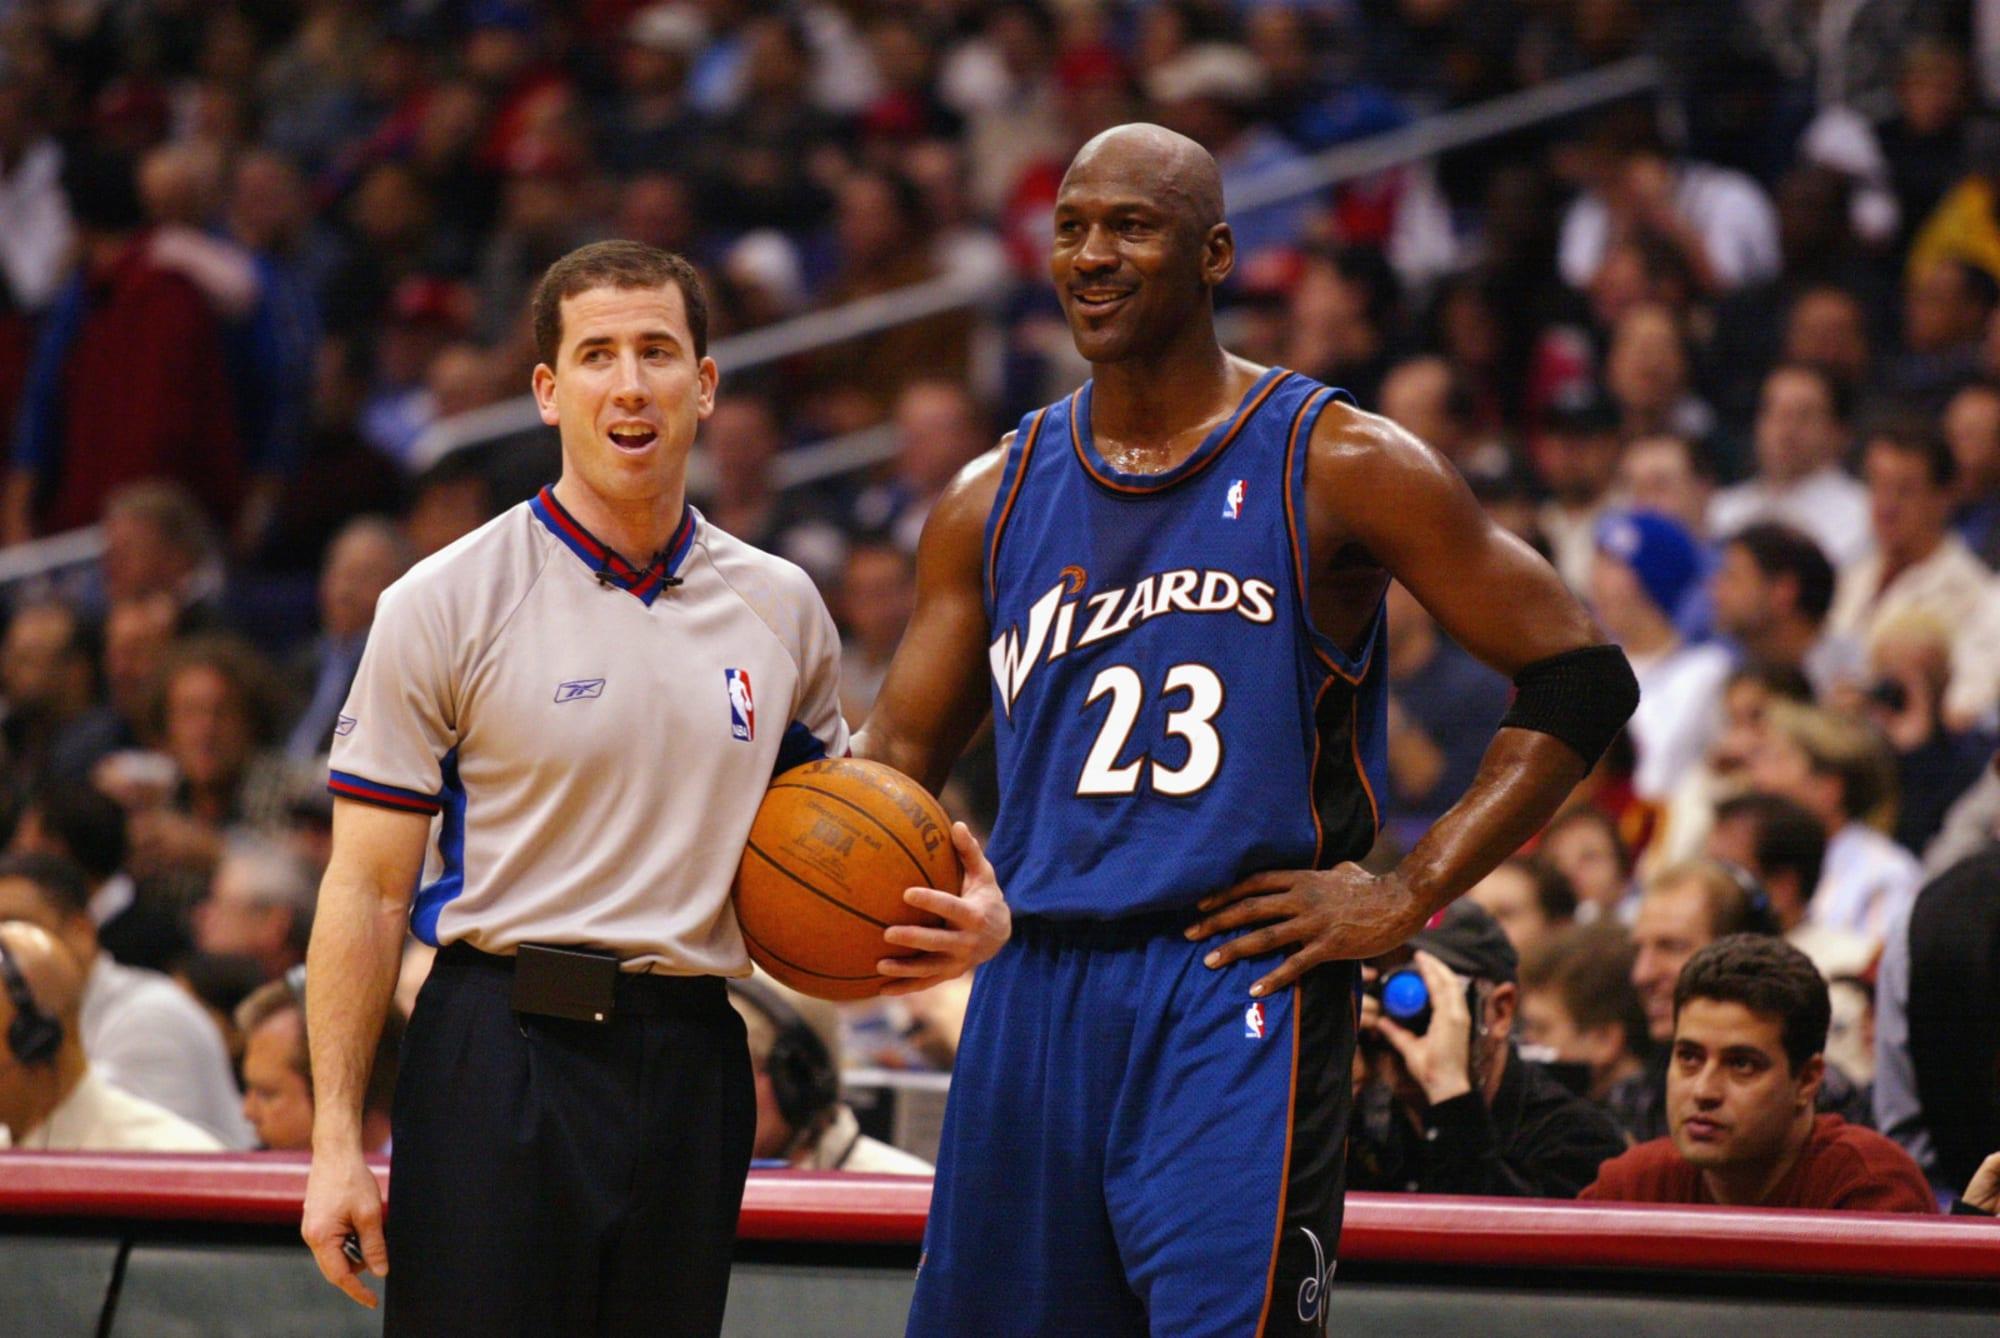 Descripción visa patrocinador  Why Michael Jordan's Washington Wizards years were never in 'The Last Dance'